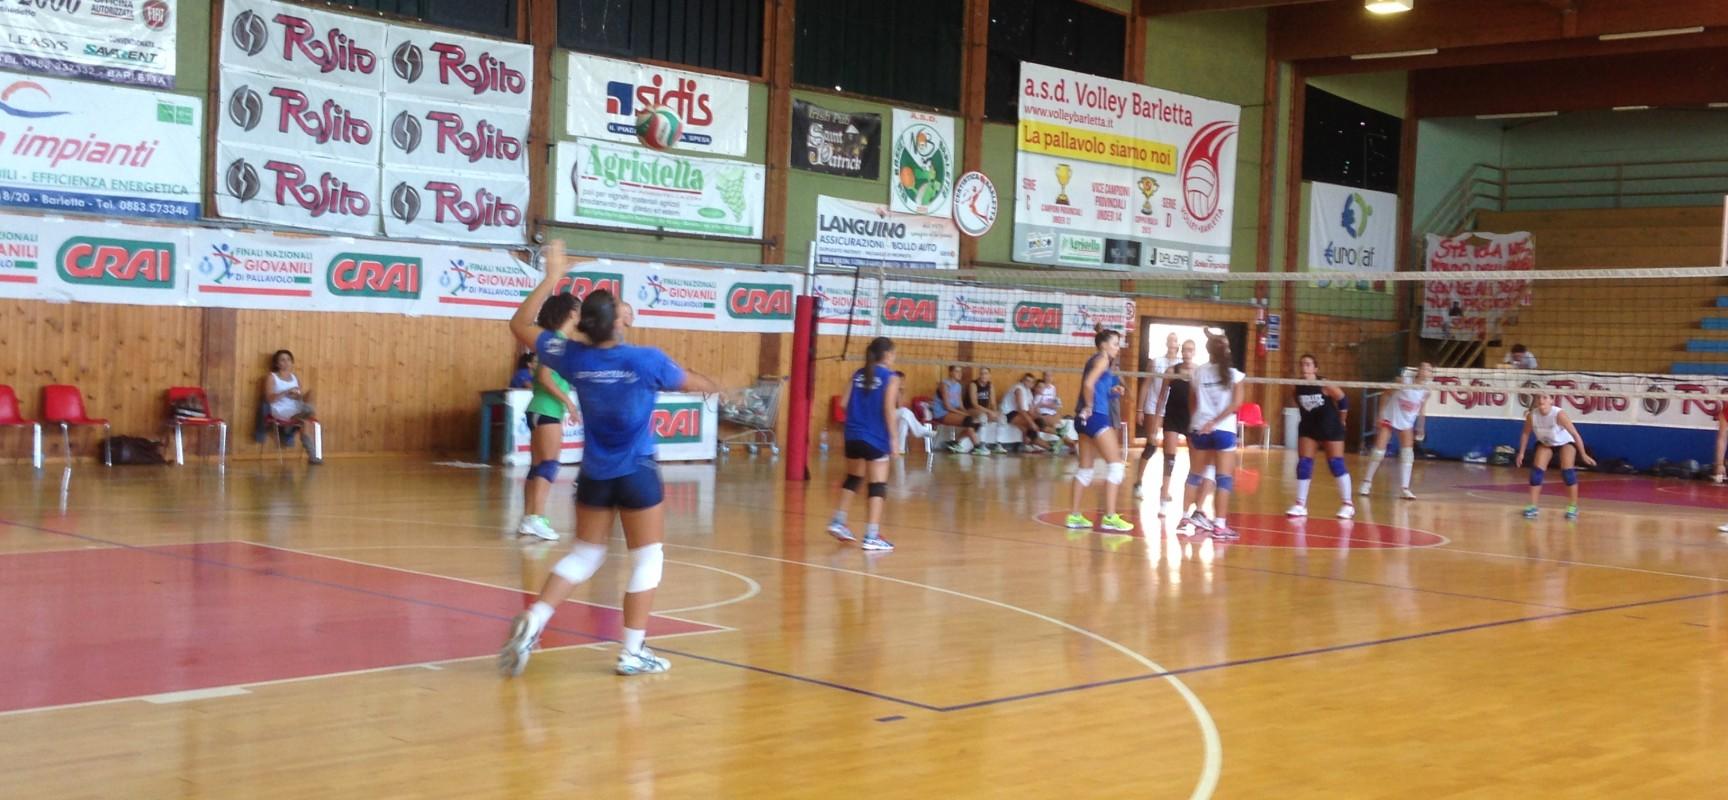 Sportilia Volley, esordio positivo nella prima amichevole stagionale